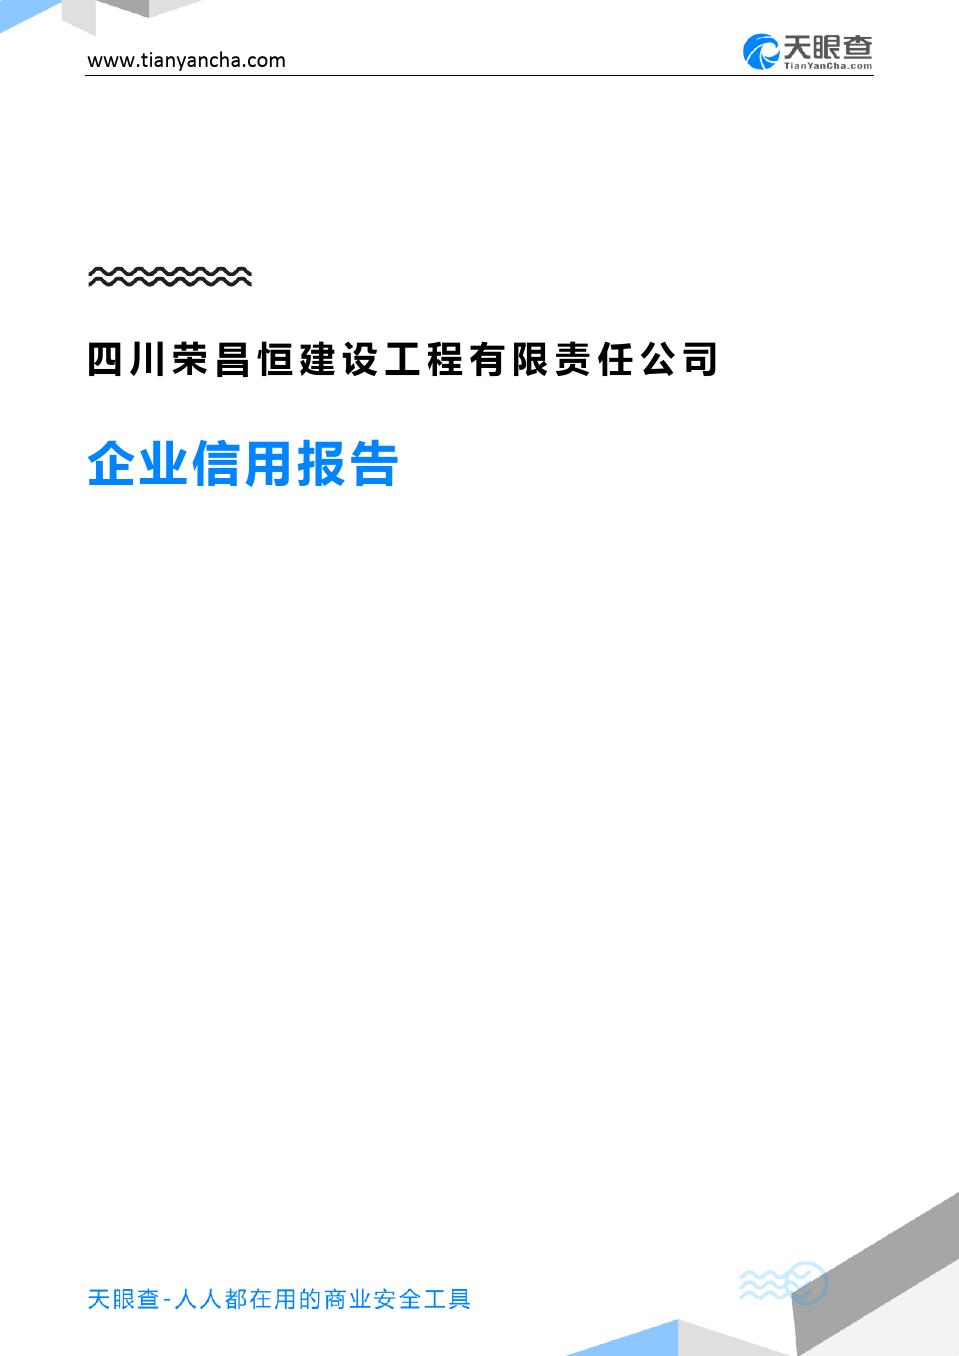 四川荣昌恒建设工程有限责任公司(企业信用报告)- 天眼查